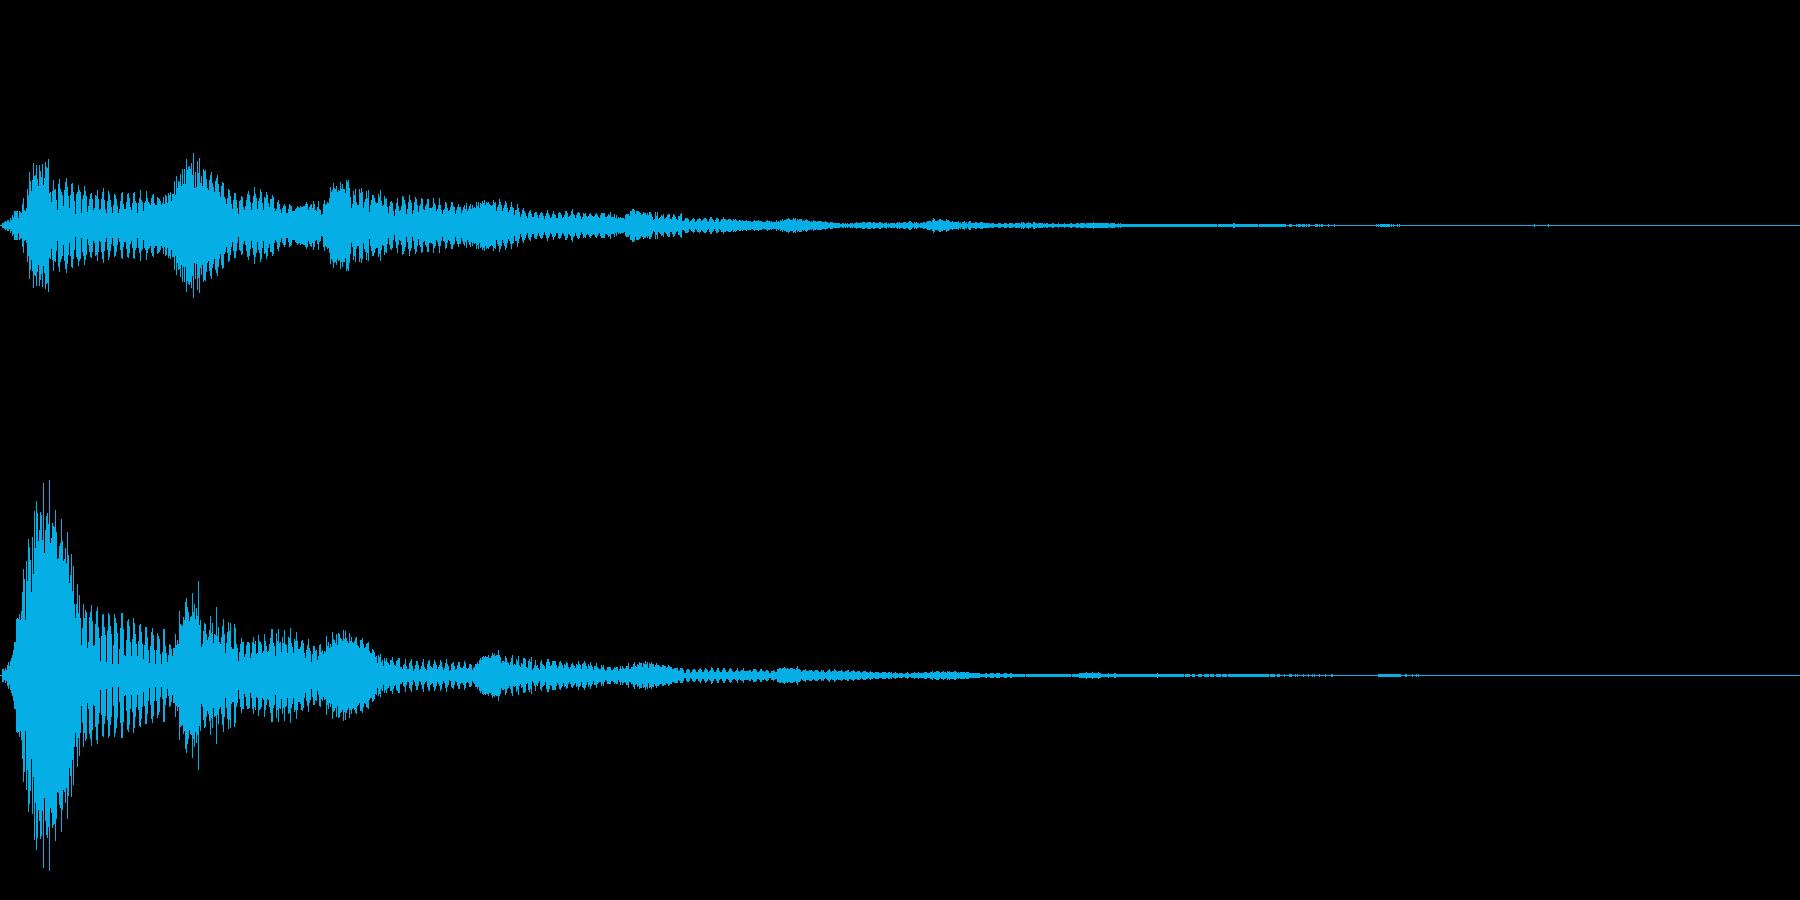 ポンのあとに余韻が広がるタイプの音の再生済みの波形